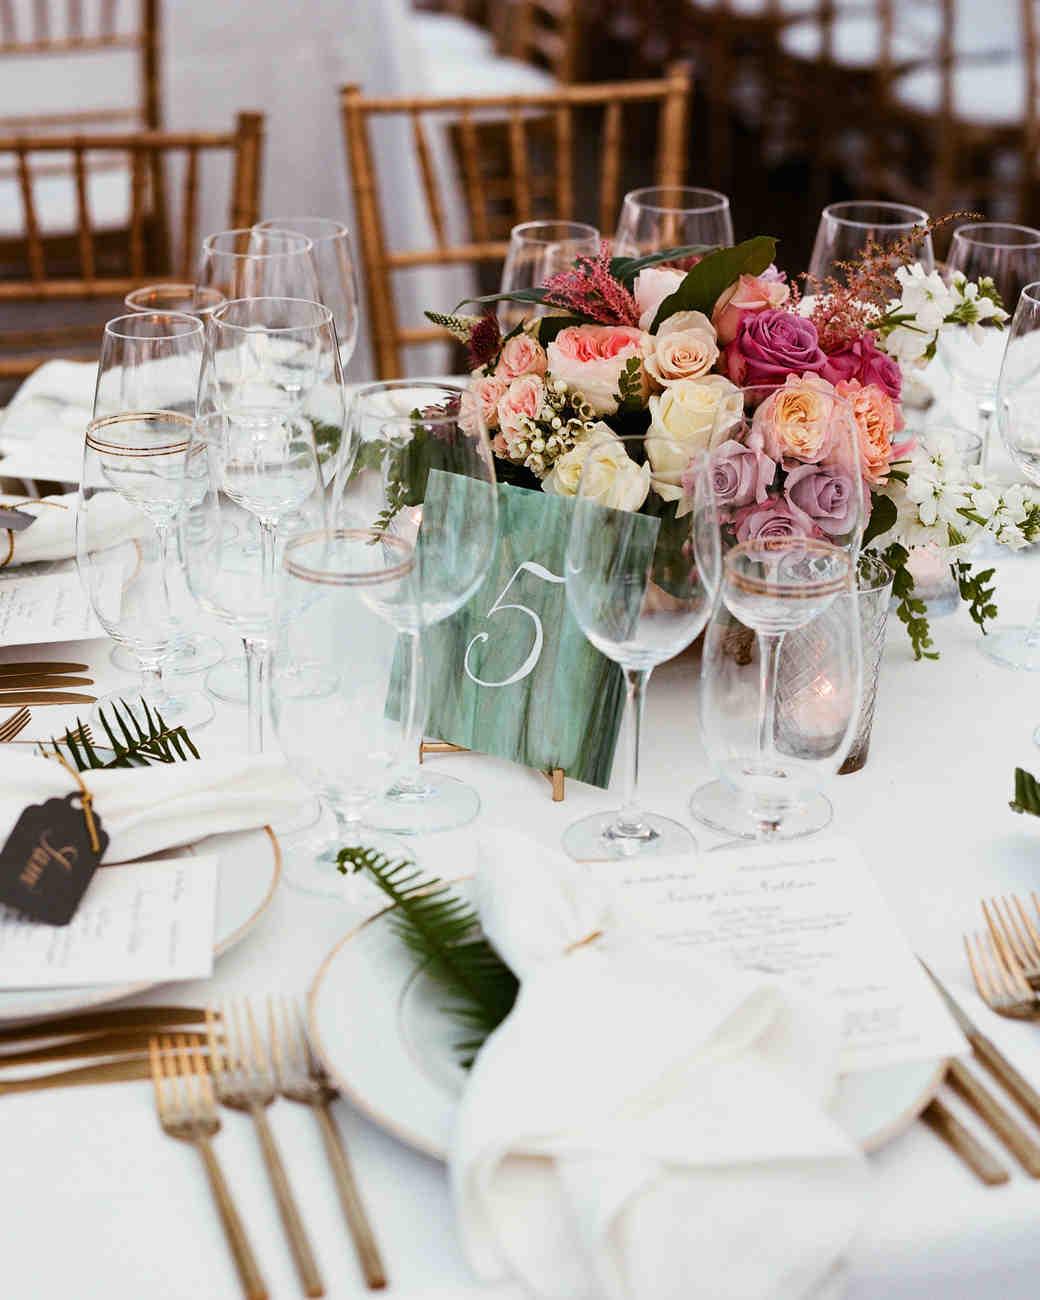 Nápady na číslovanie svadobných stolov - Obrázok č. 87